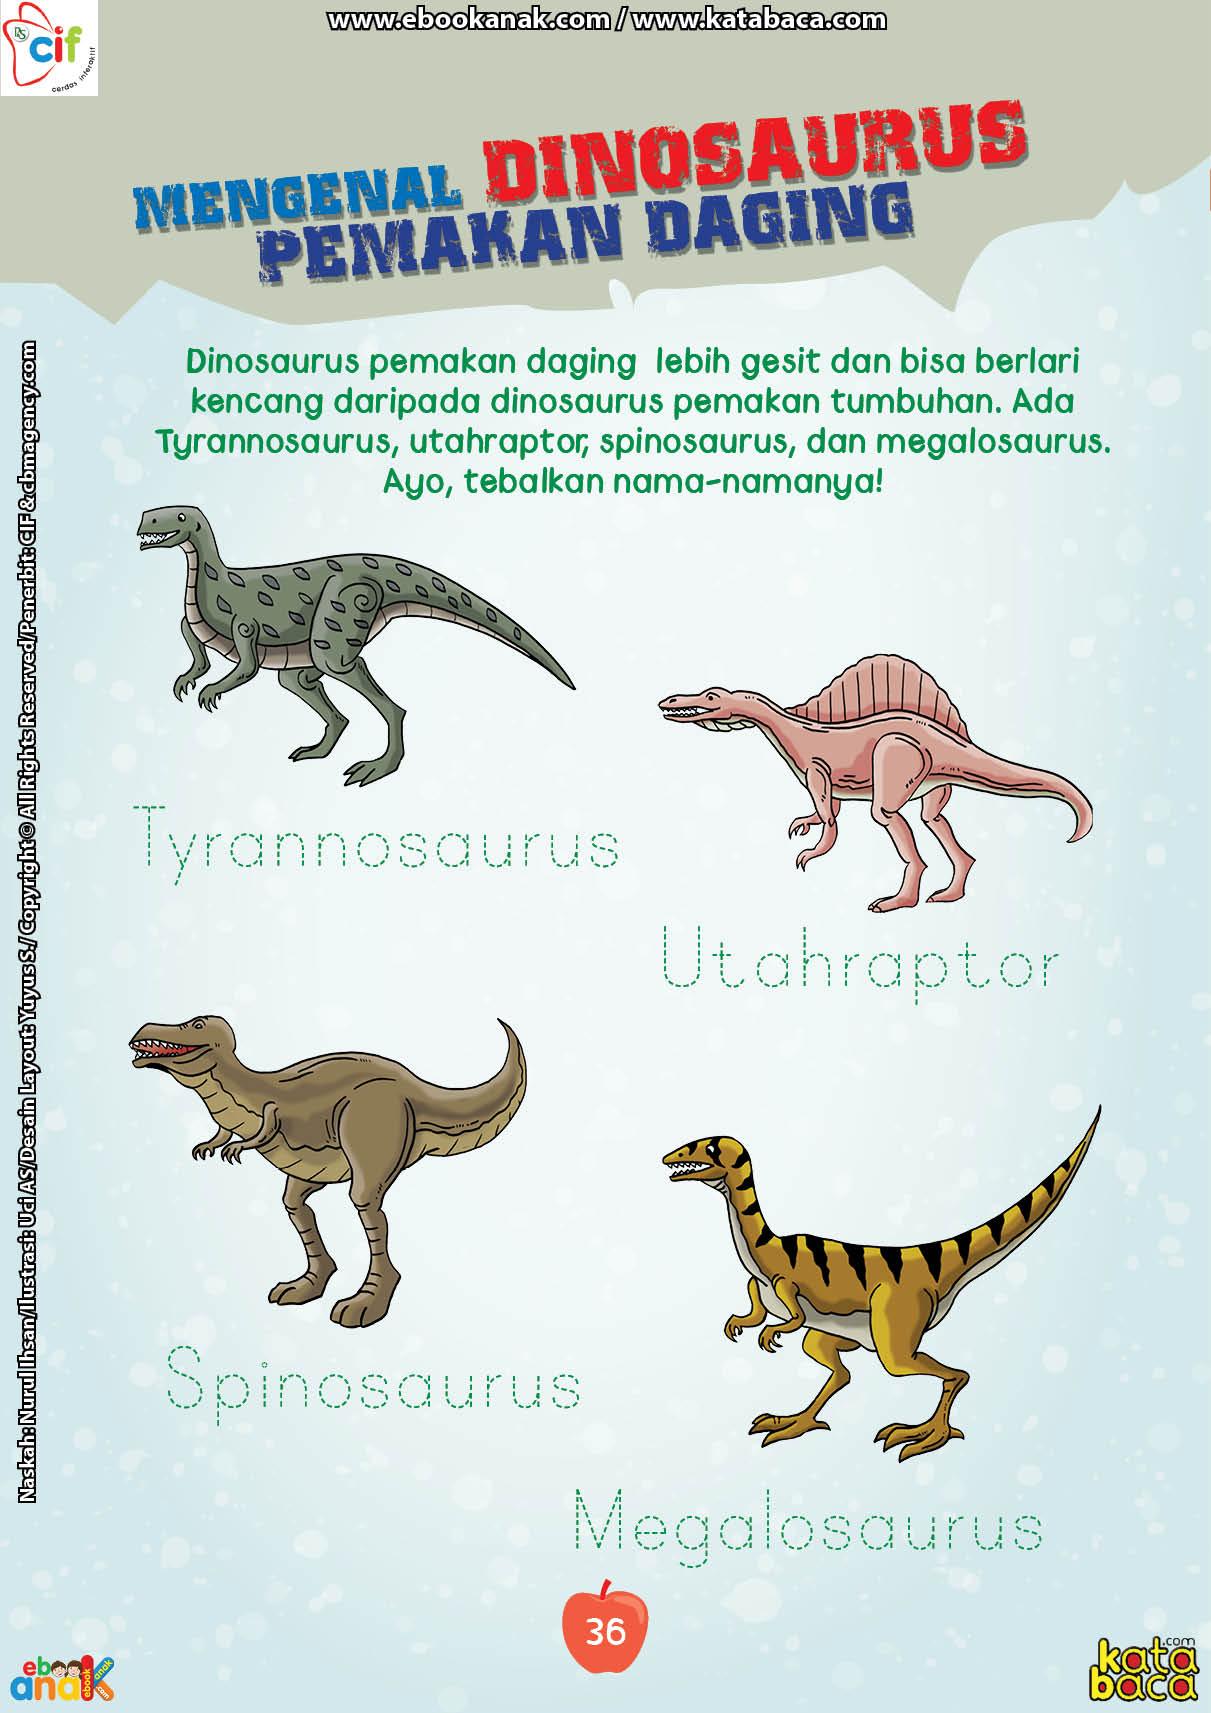 baca buku online brain games fun sains44 Inilah Daftar Nama-Nama Dinosaurus Pemakan Daging